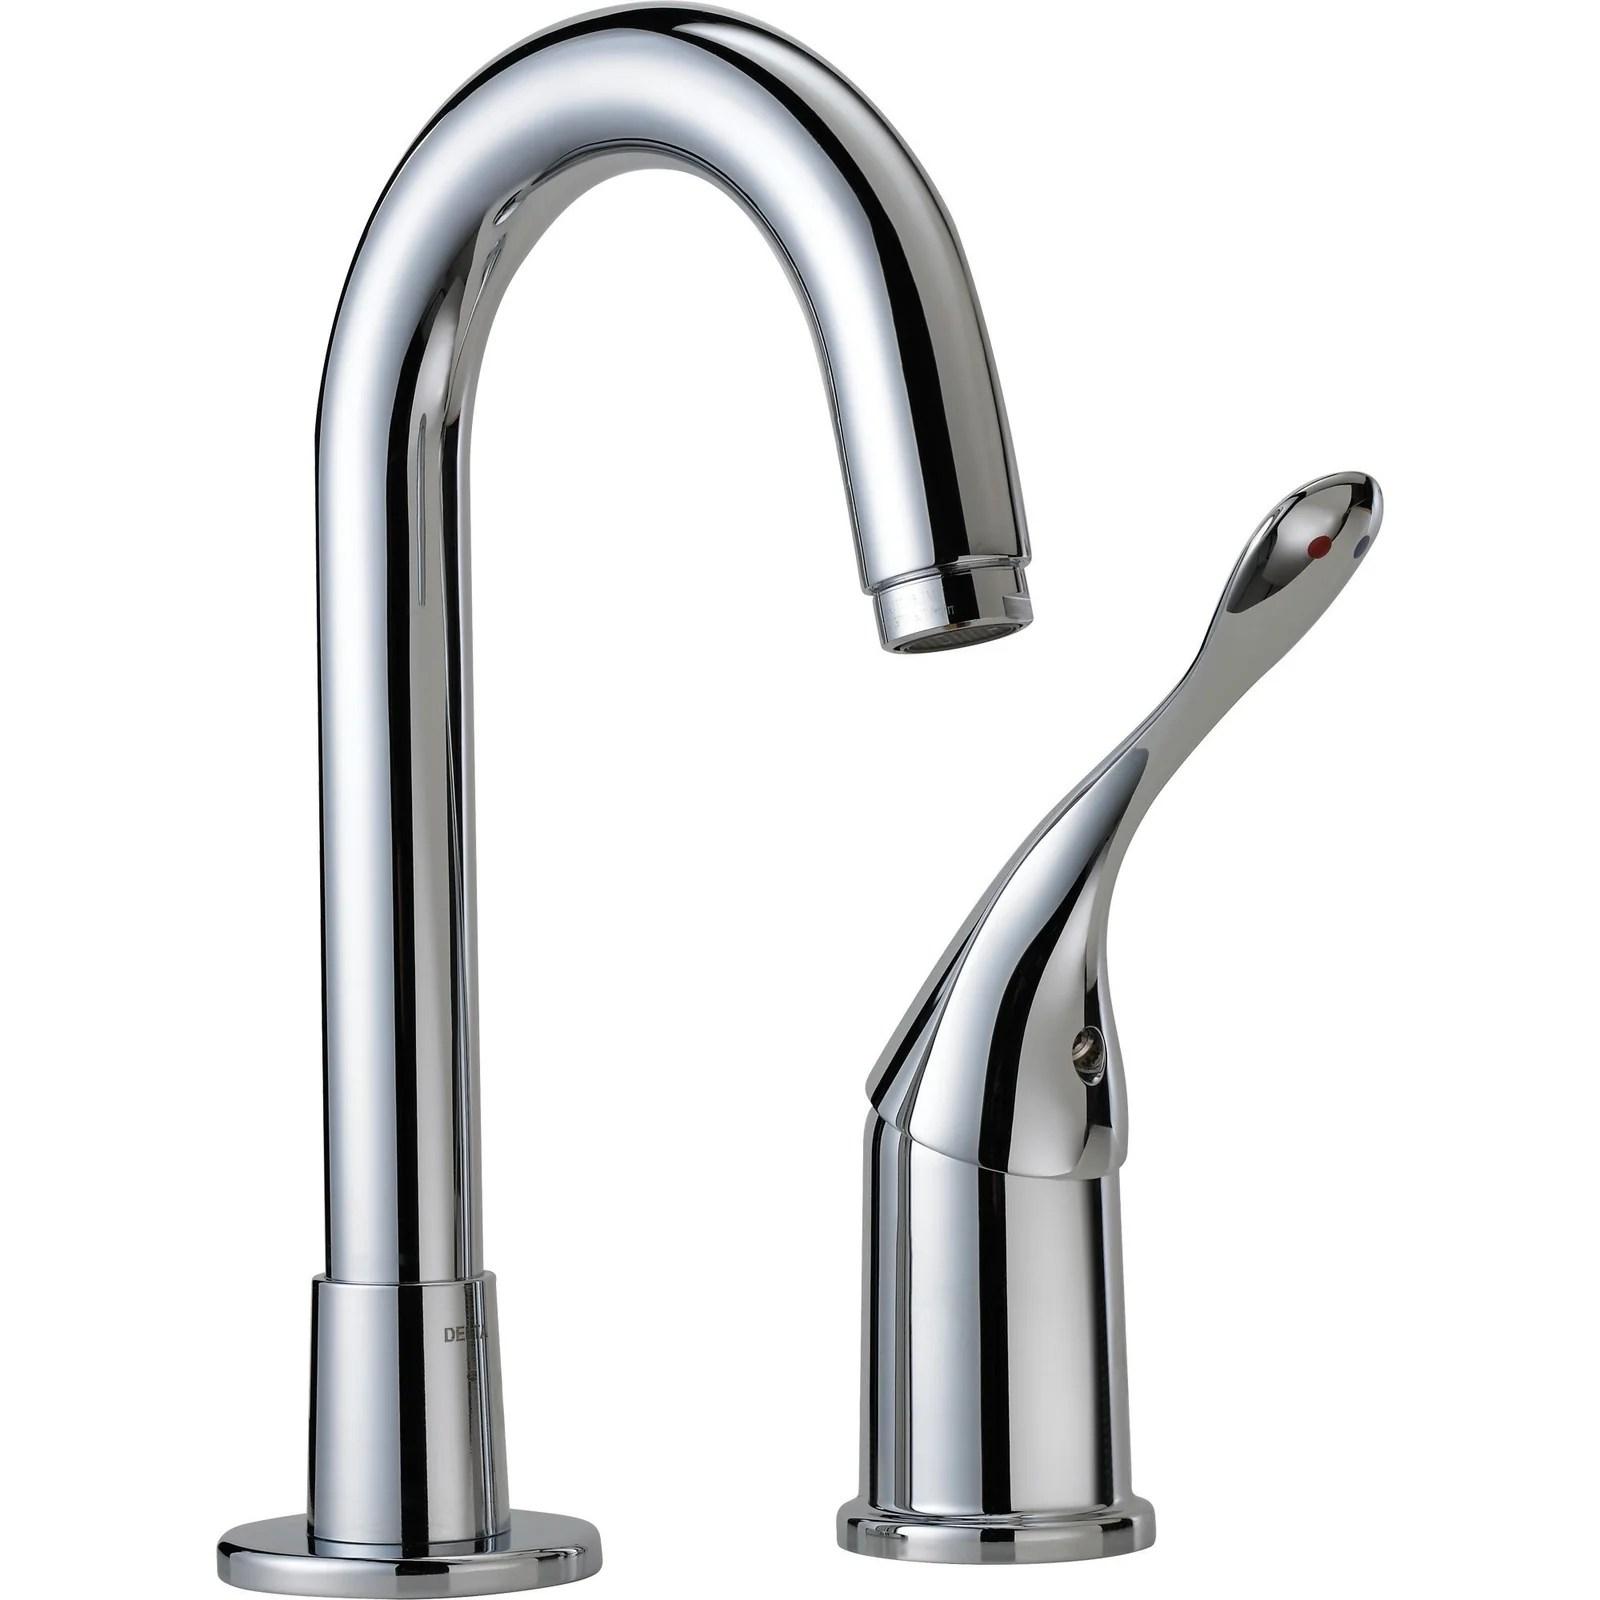 double hole bar prep sink faucet